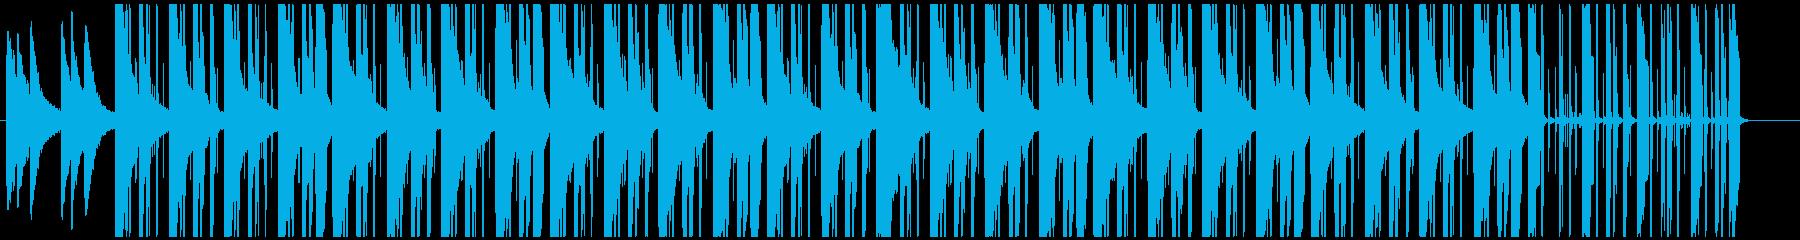 スローリーなビート感チルソングの再生済みの波形